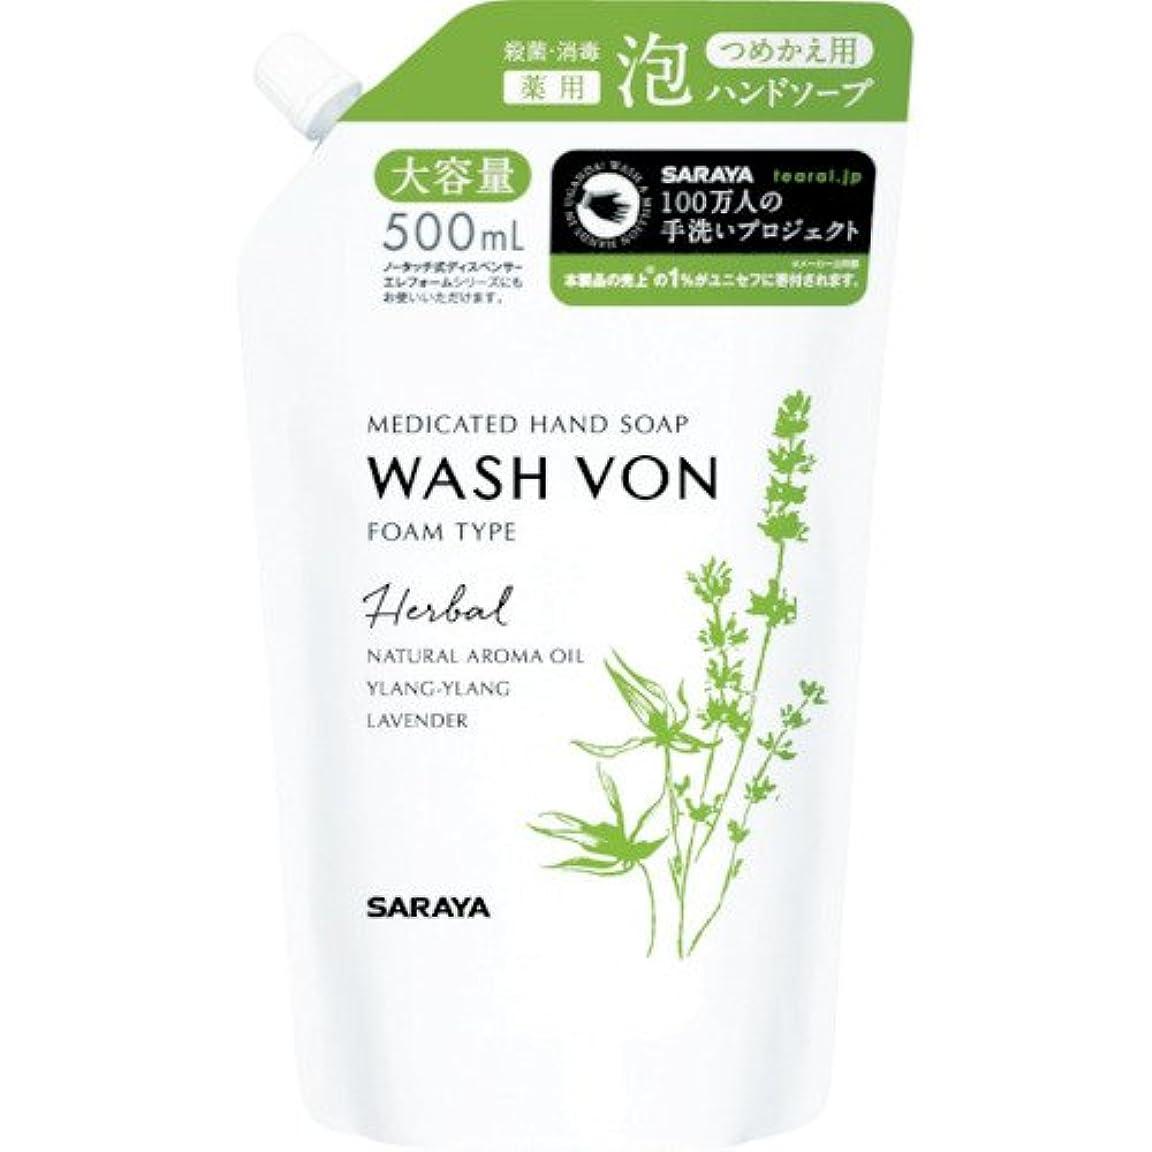 空白警告する薬剤師サラヤ WASH VON ウォシュボン ハーバル薬用 ハンドソープ フォームタイプ 詰替用 500ml